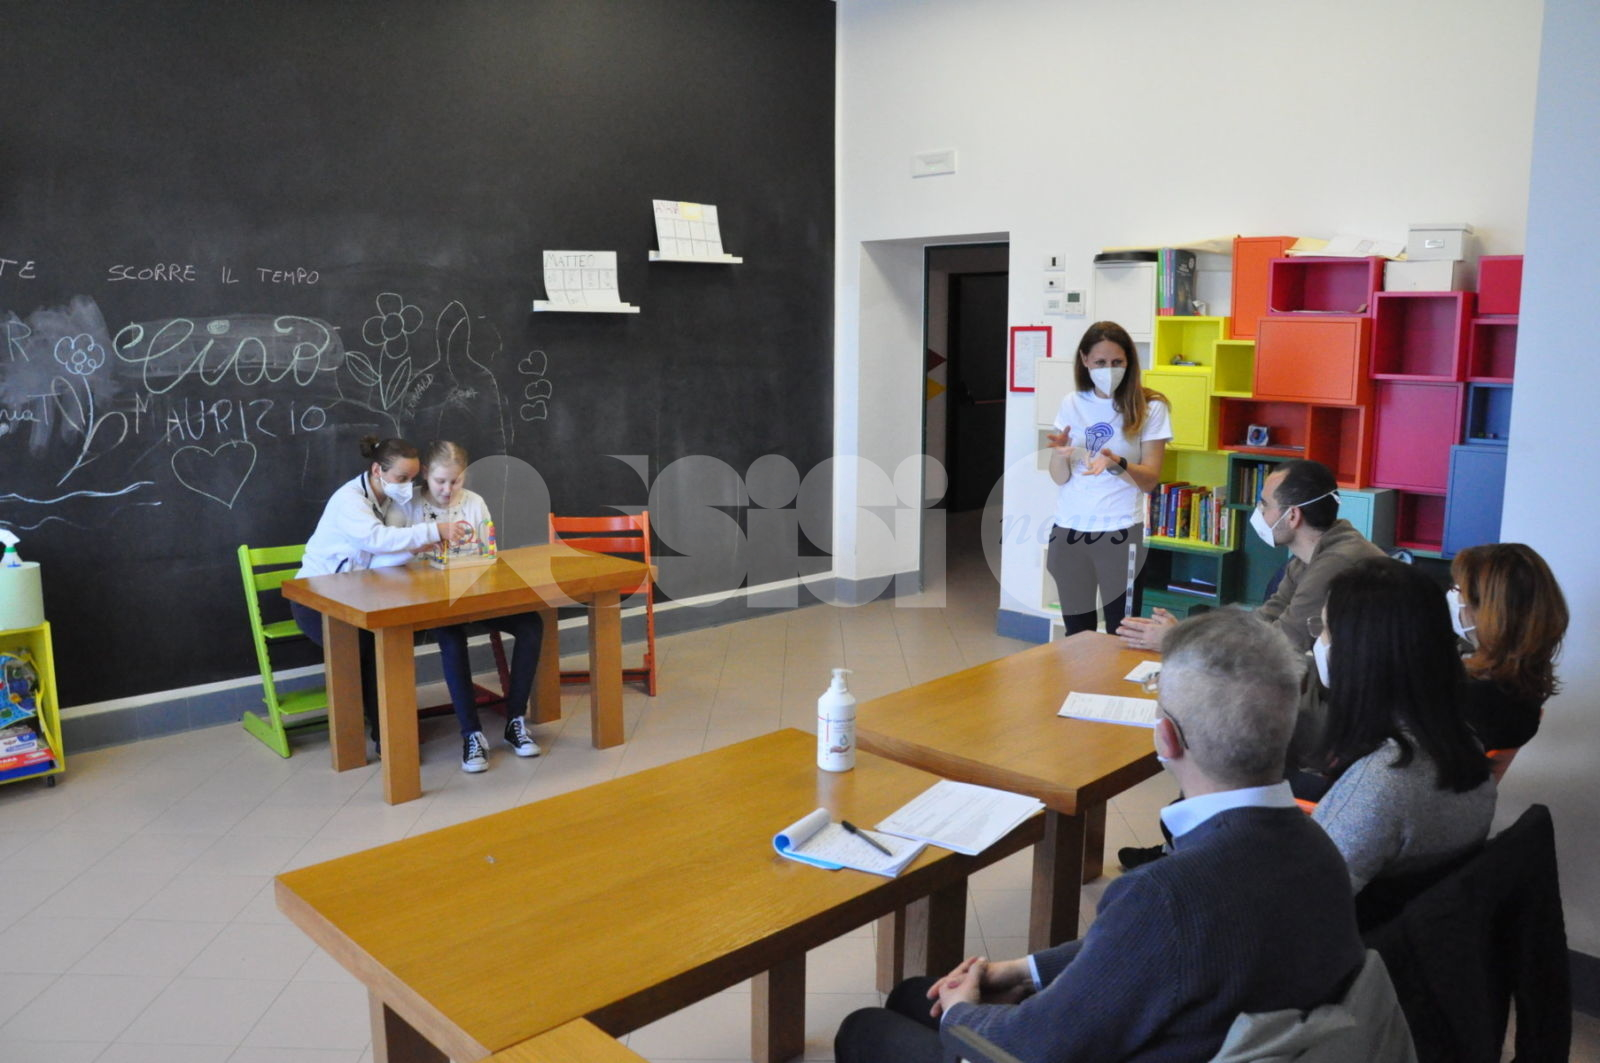 Istruzione parentale, in corso gli esami per i ragazzi del Serafico di Assisi